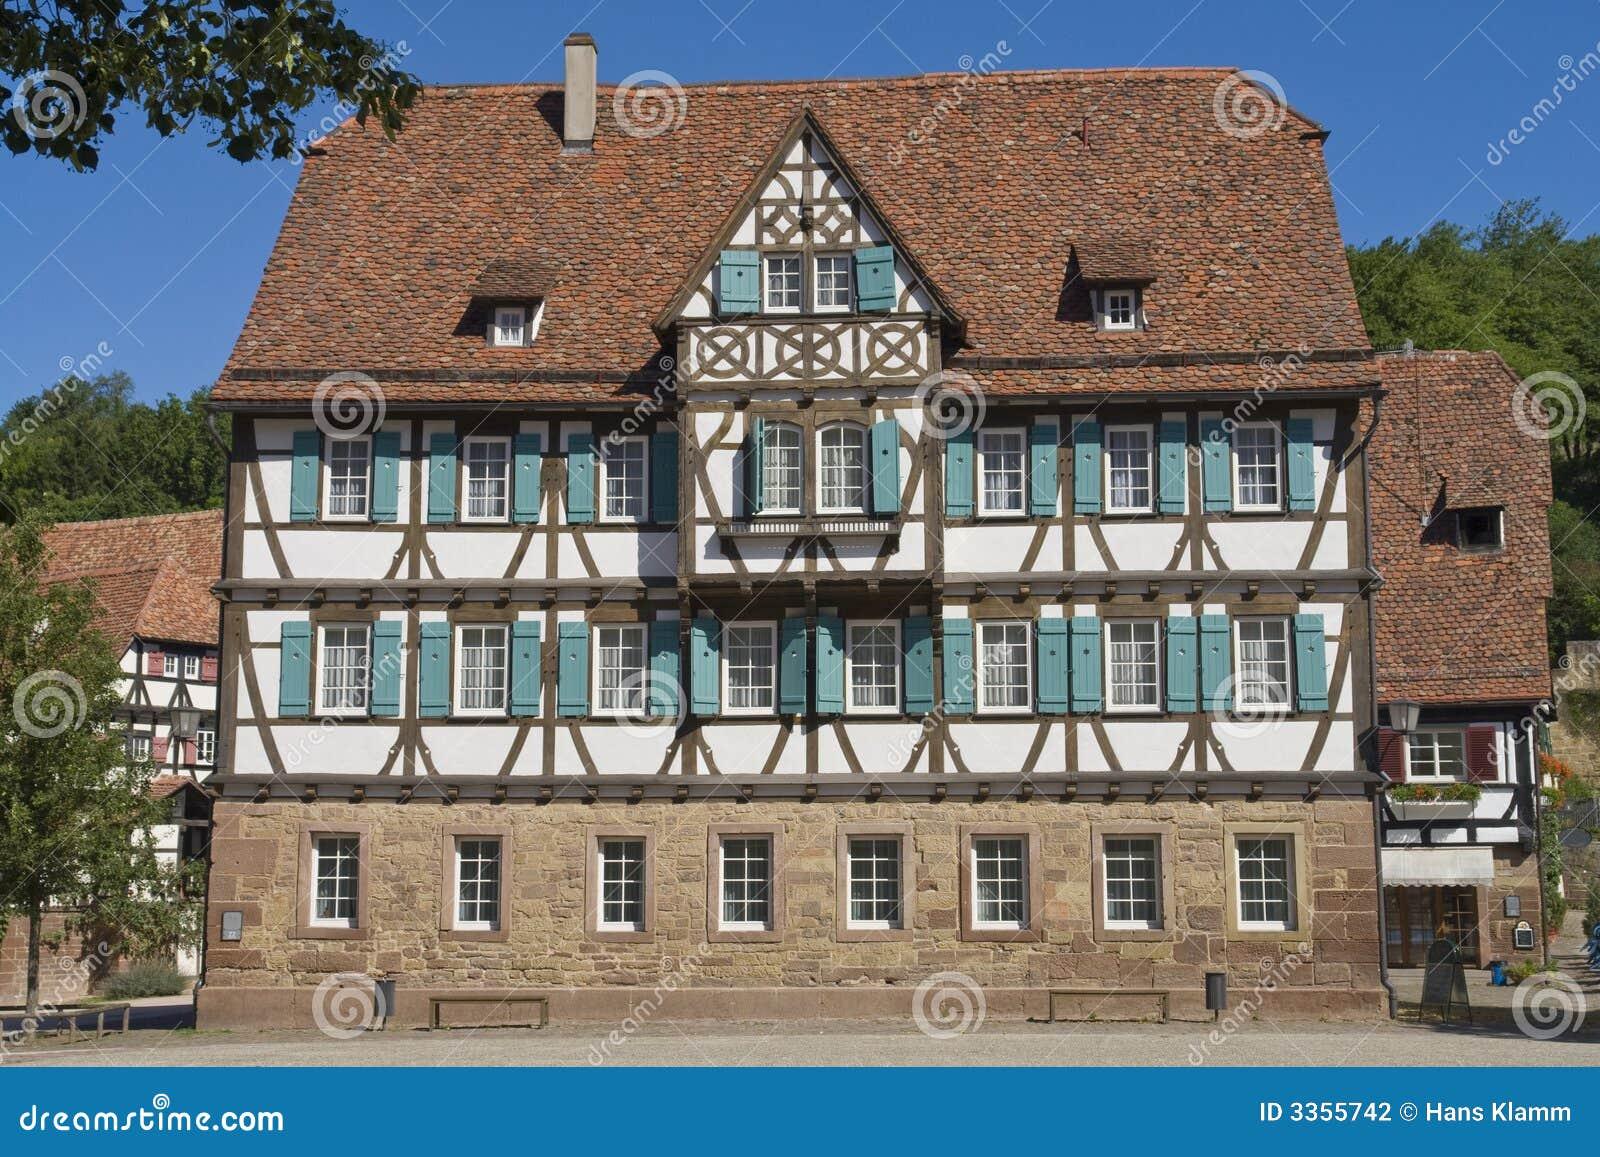 Mittelalterliches haus stockfotografie bild 3355742 - Fotos van huis ...